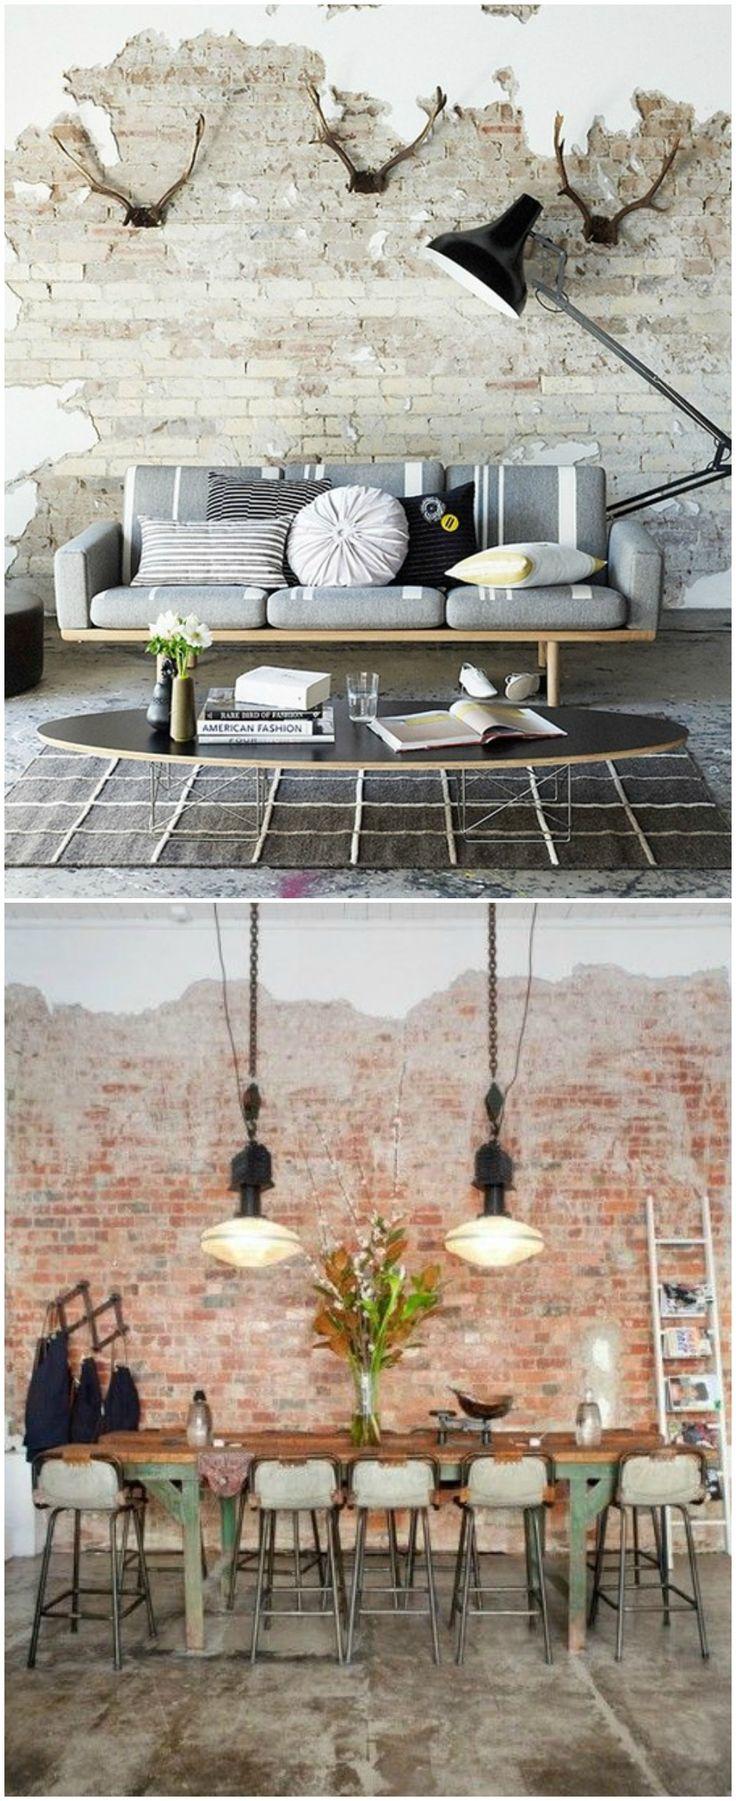 Diy Brick Walls 29 - Amazing DIY Brick Walls Ideas